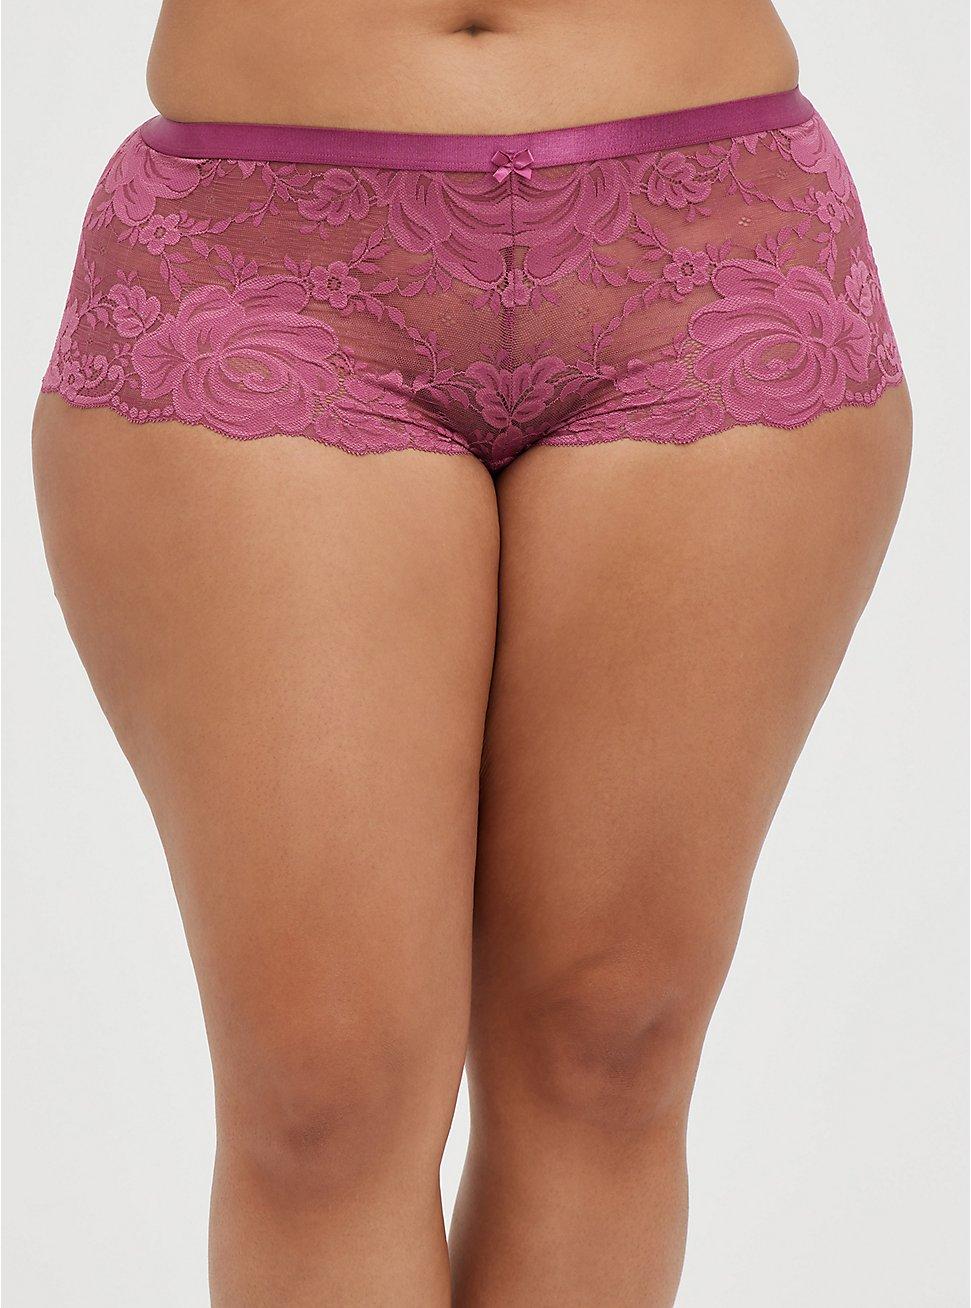 Cheeky Panty - Lace Pink, VIOLET QUARTZ, hi-res